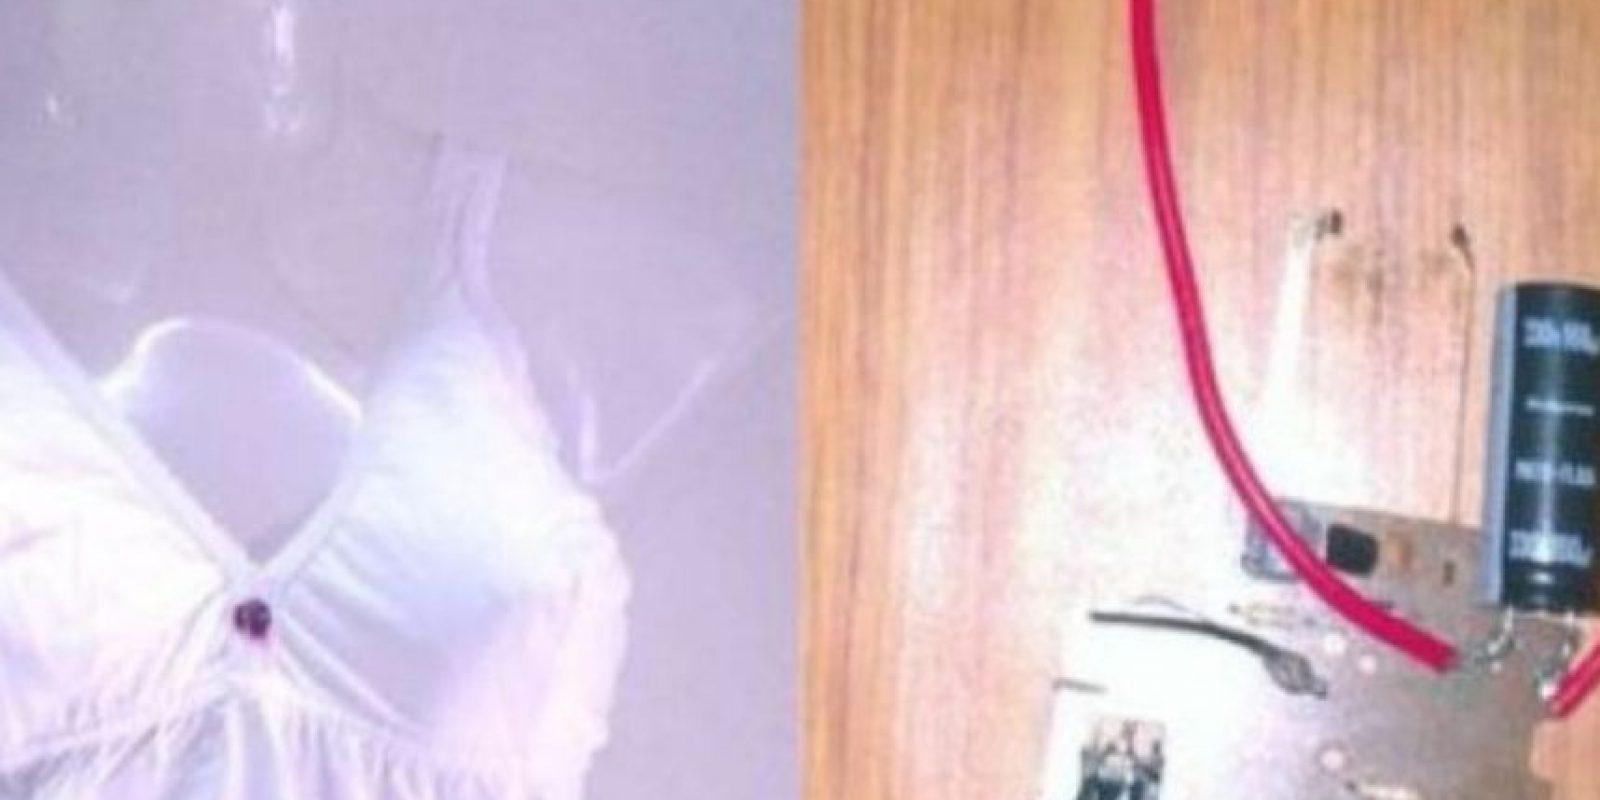 Ropa interior para electrocutar pervertidos Foto:Tumblr